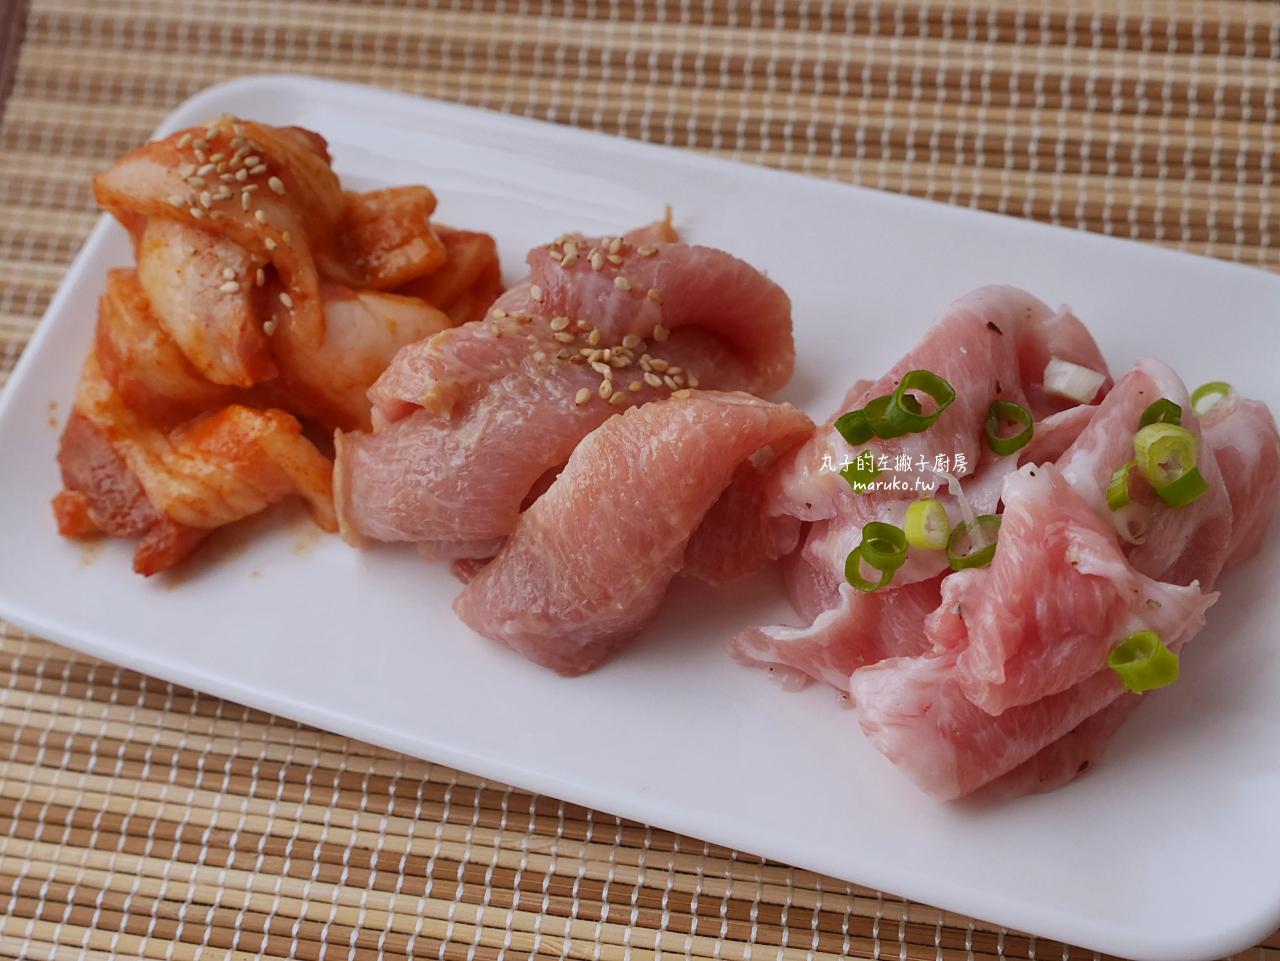 【食譜】10個不需要沾醬的烤肉調味方法 中秋烤肉直接烤就好吃 @Maruko與美食有個約會